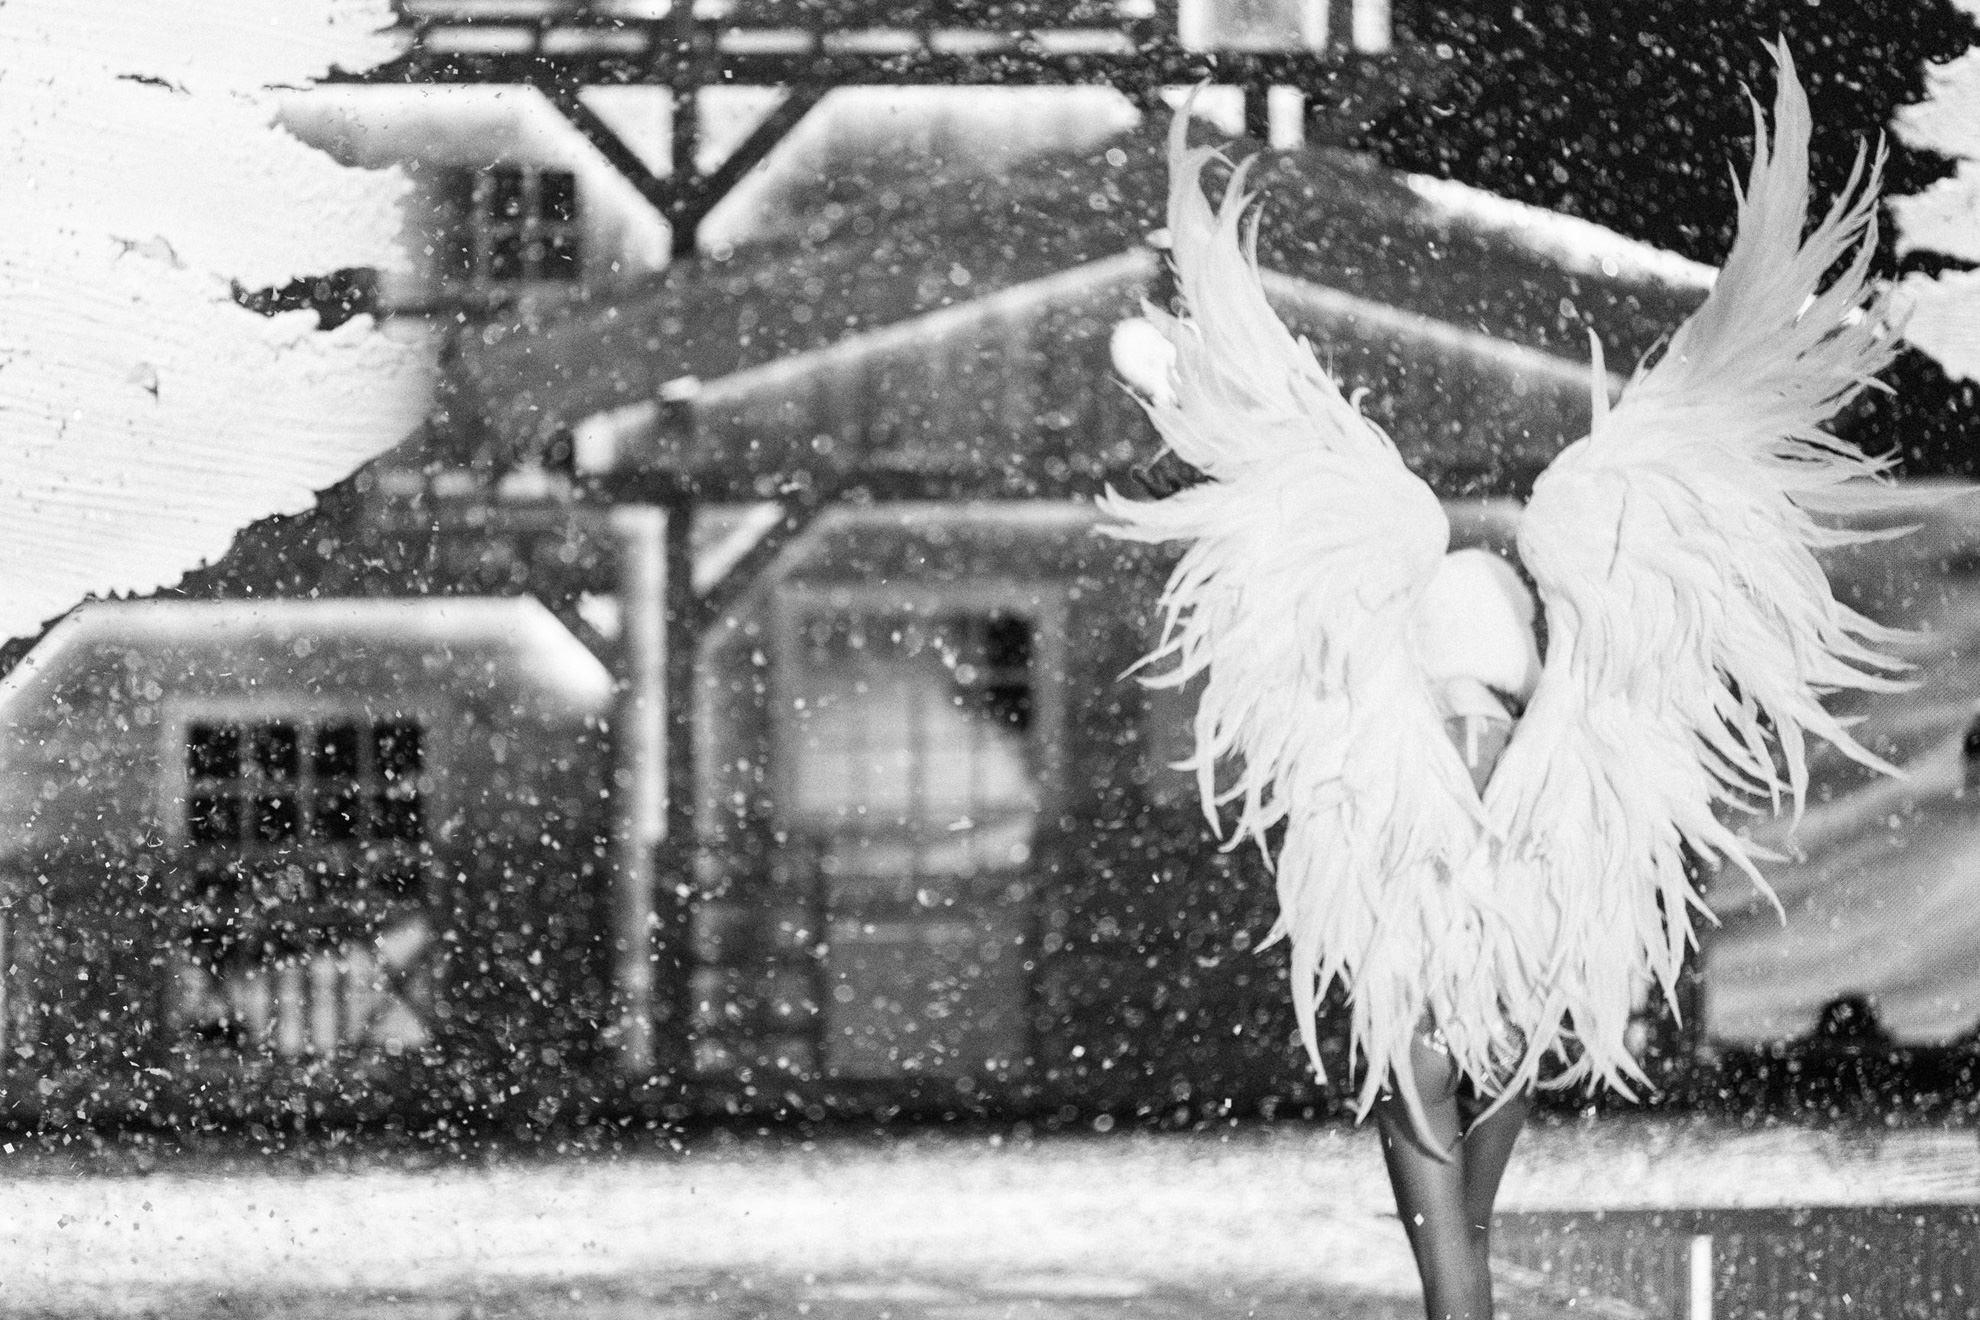 Le meilleur du show Victoria's Secret vu par Darryl Richardson pour Numéro